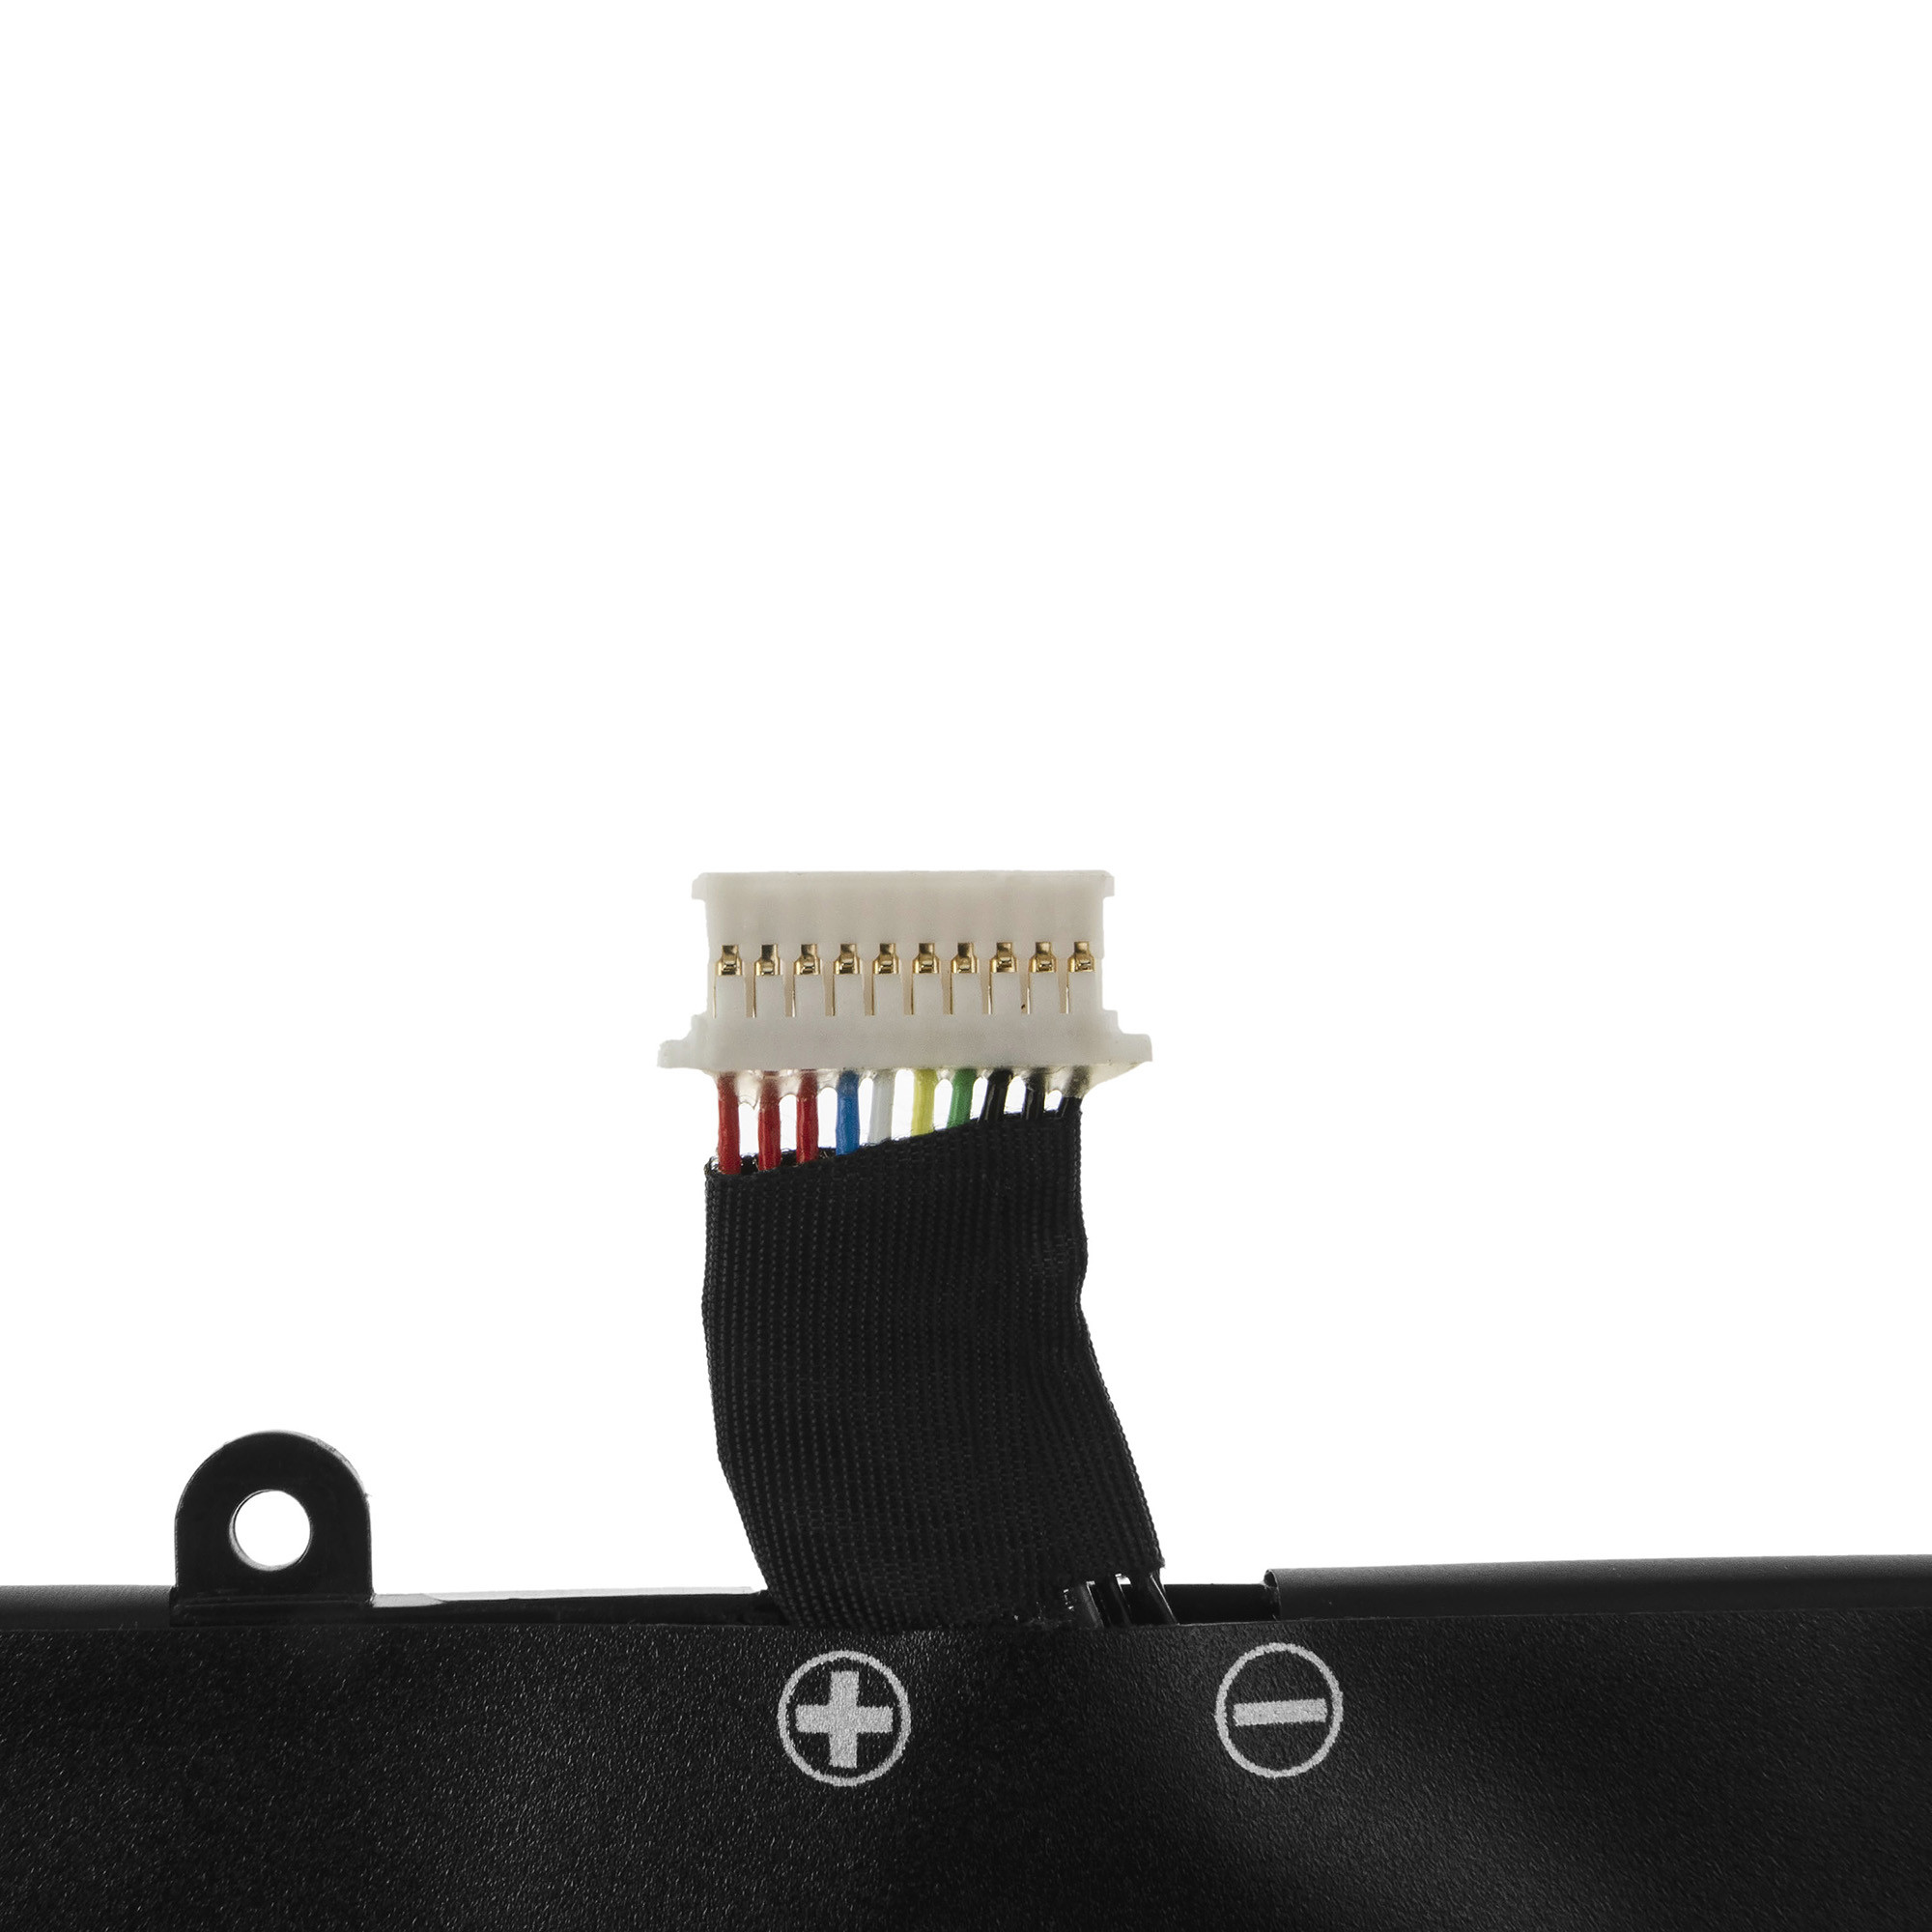 Batteri 7VKV9 för Dell XPS 12 9250, Dell Latitude 12 7275